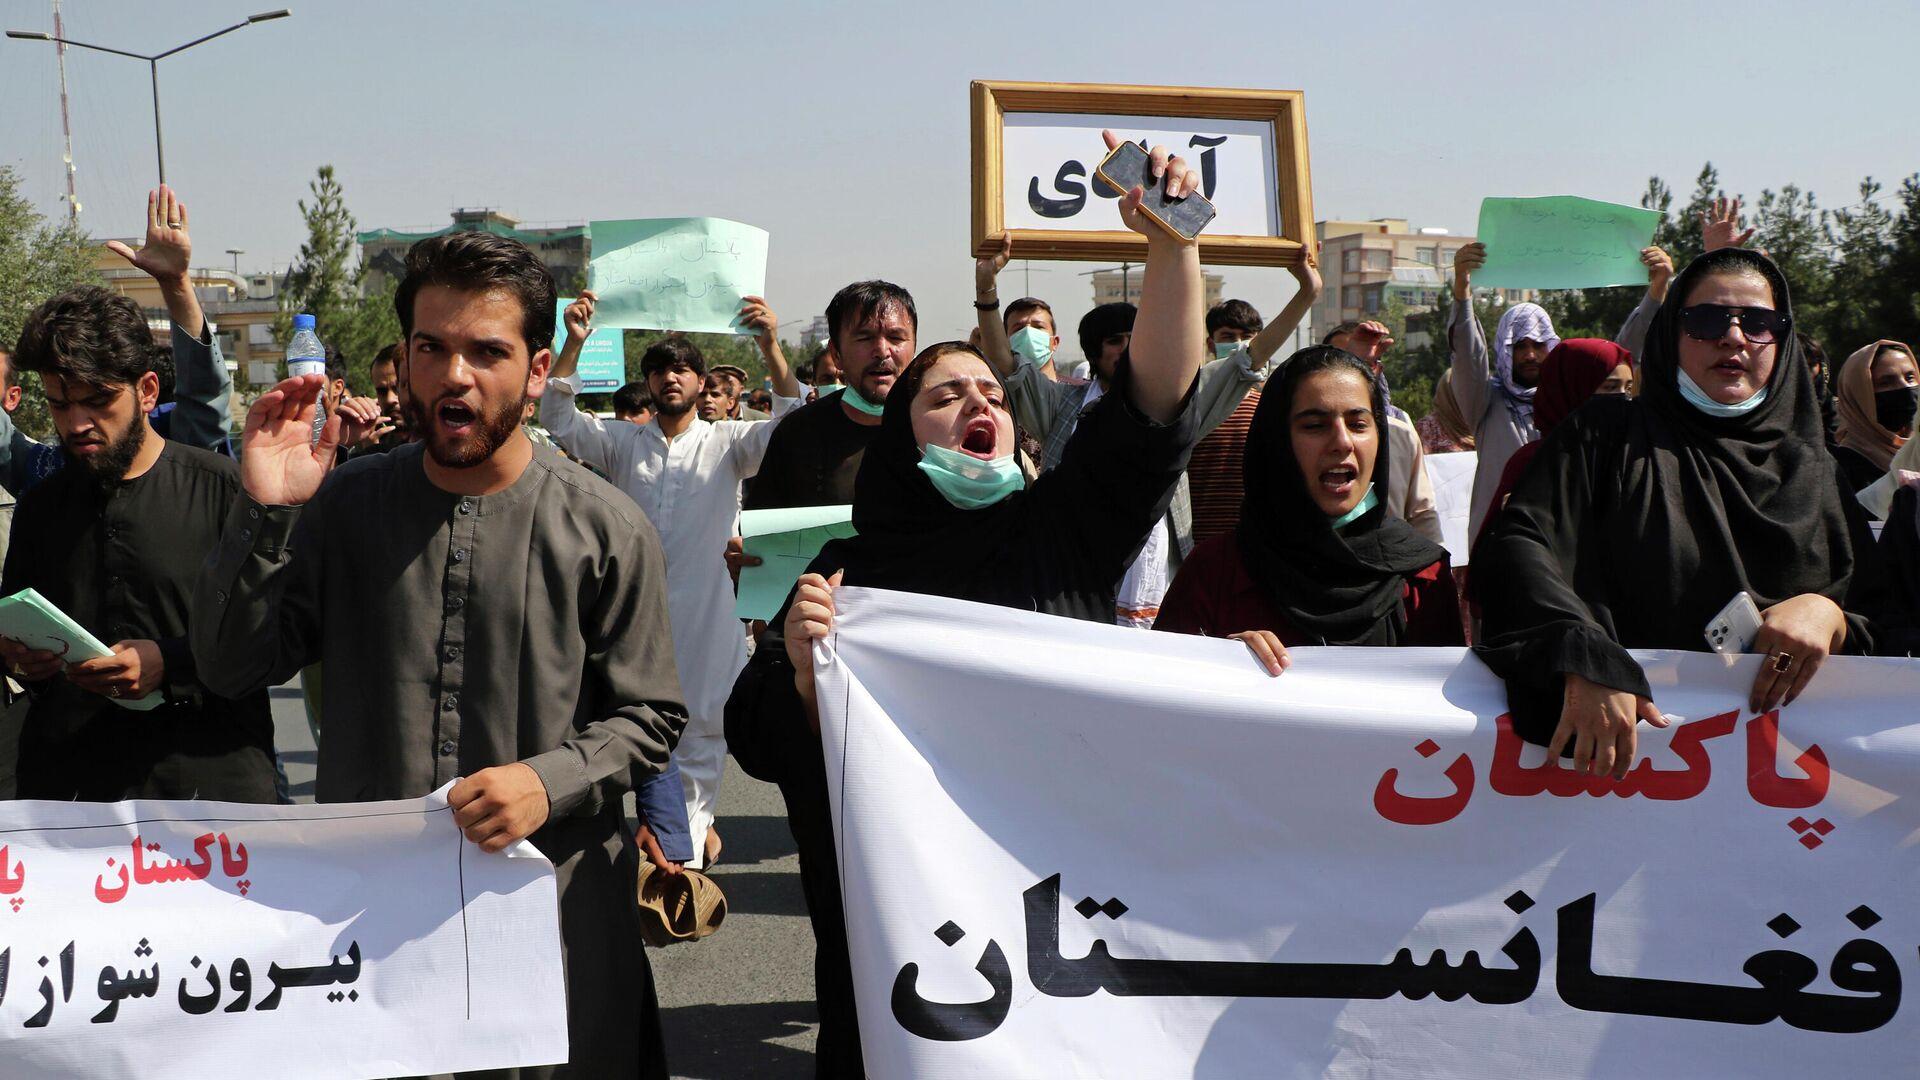 Protesti Avganistanaca protiv Pakistana ispred pakistanske ambasade u Kabulu - Sputnik Srbija, 1920, 07.09.2021